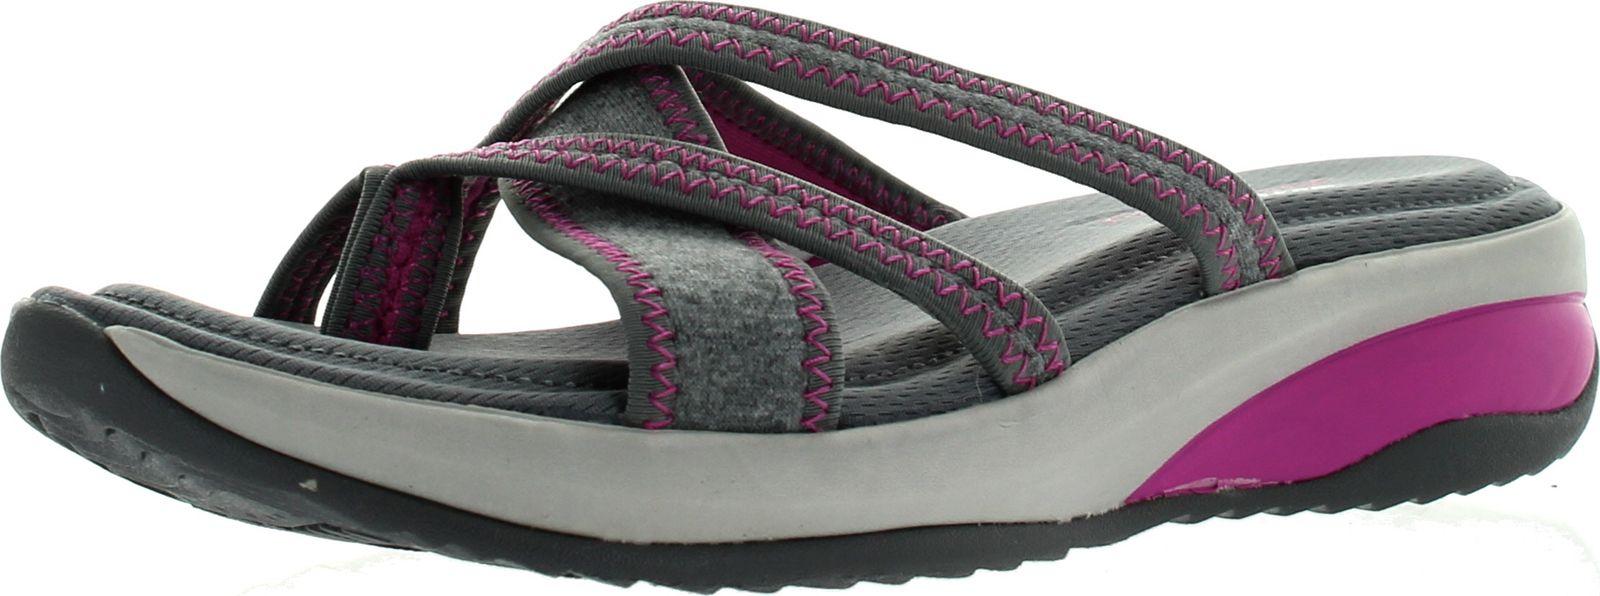 sandalias skechers para mujer